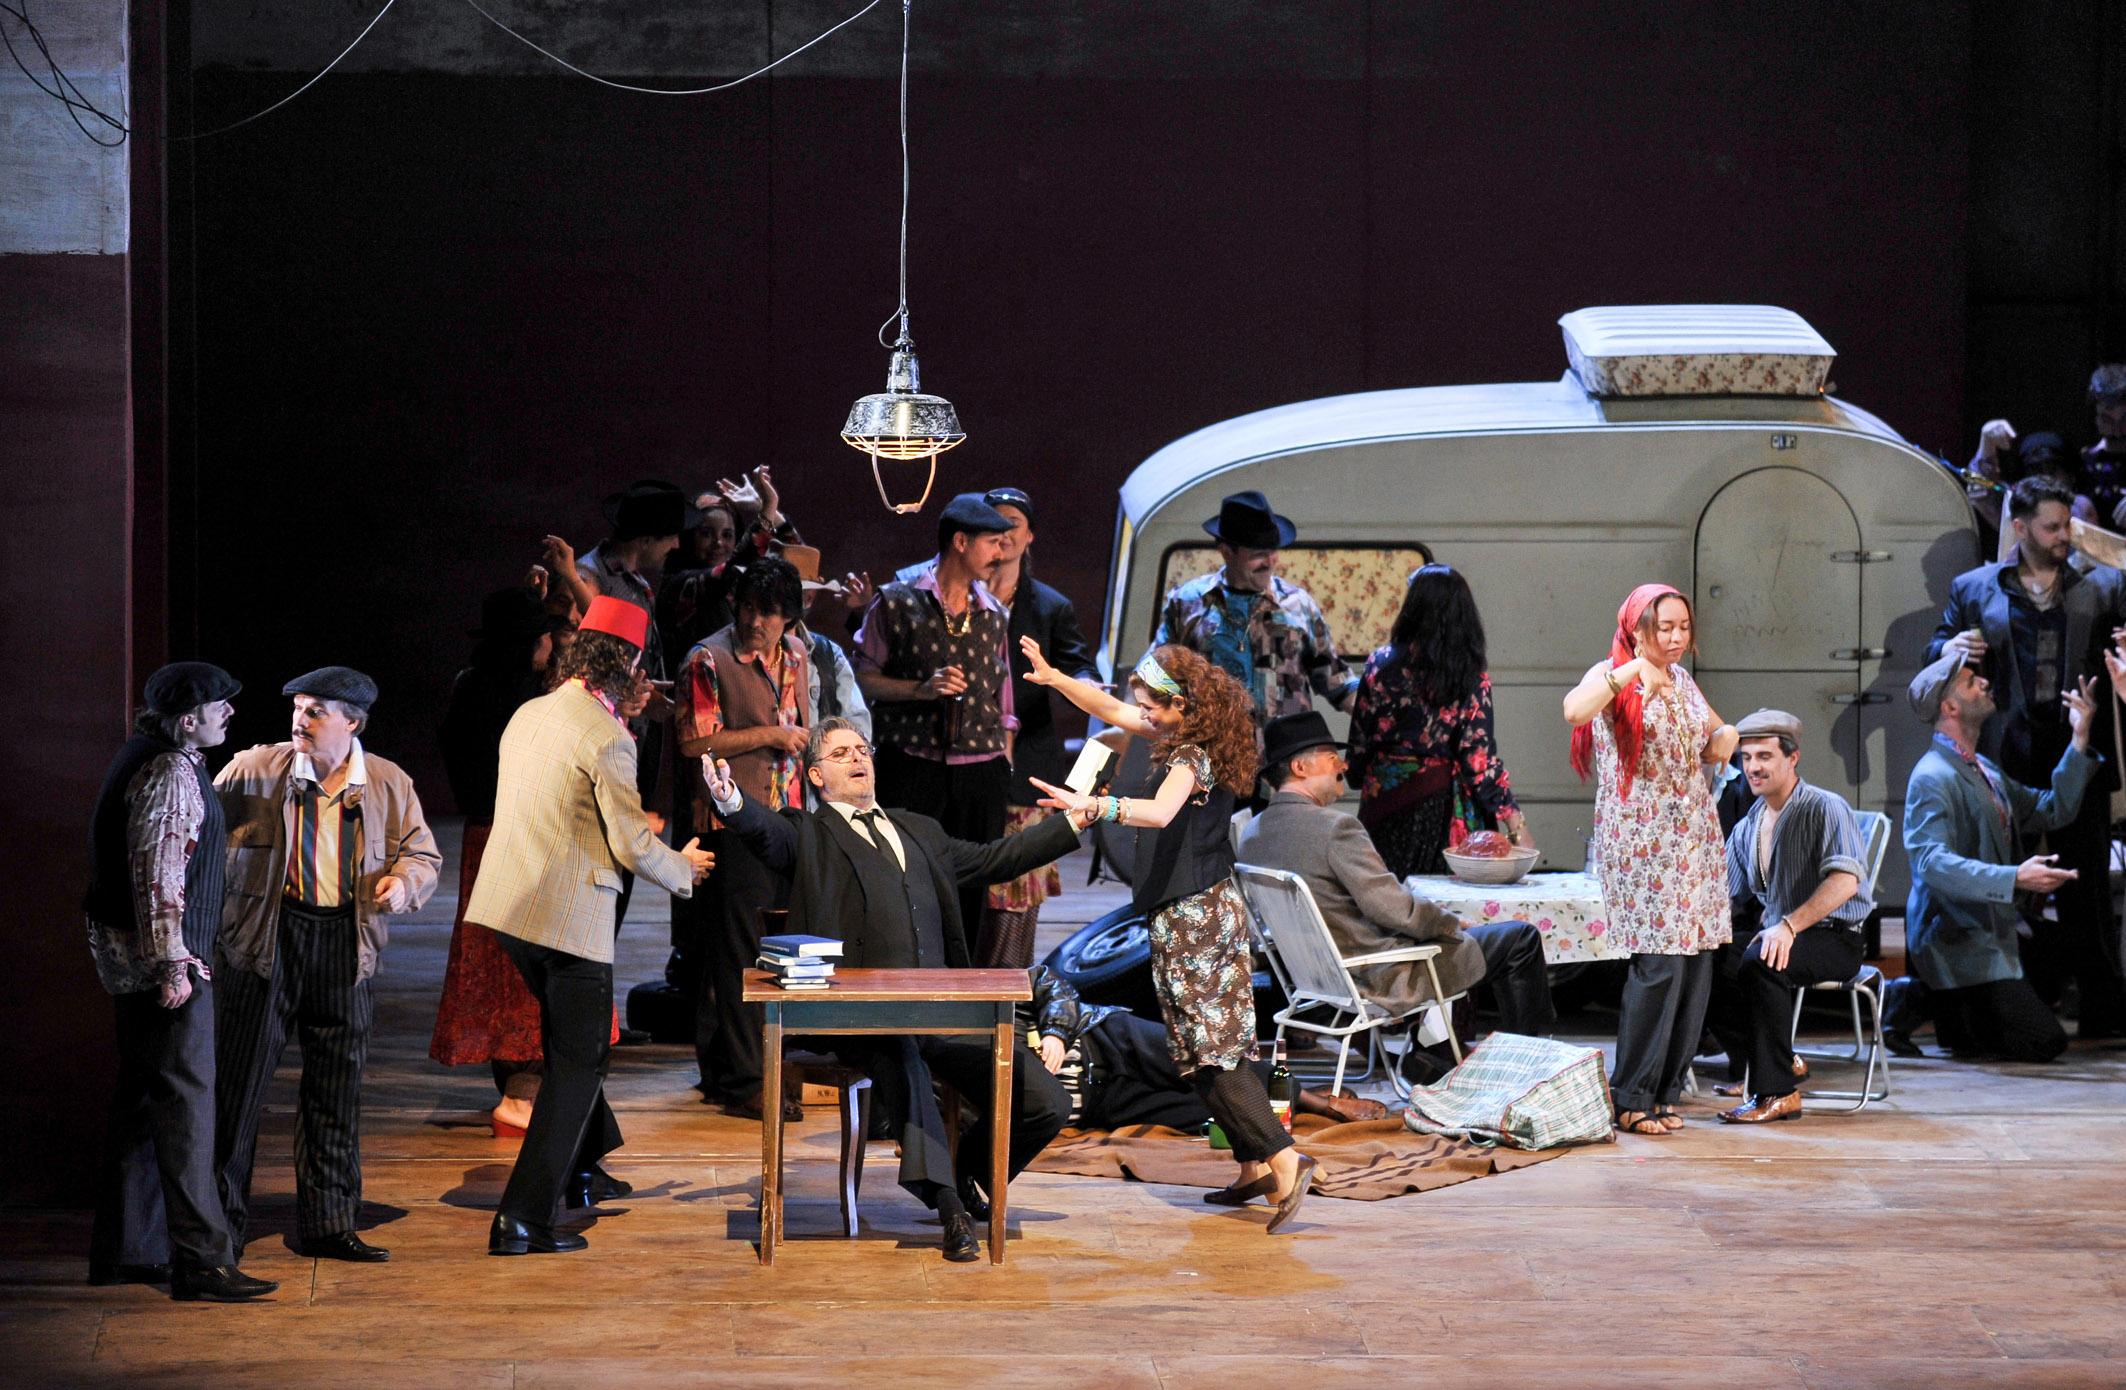 El Teatro Arriaga presenta la programación 2013 - 2014